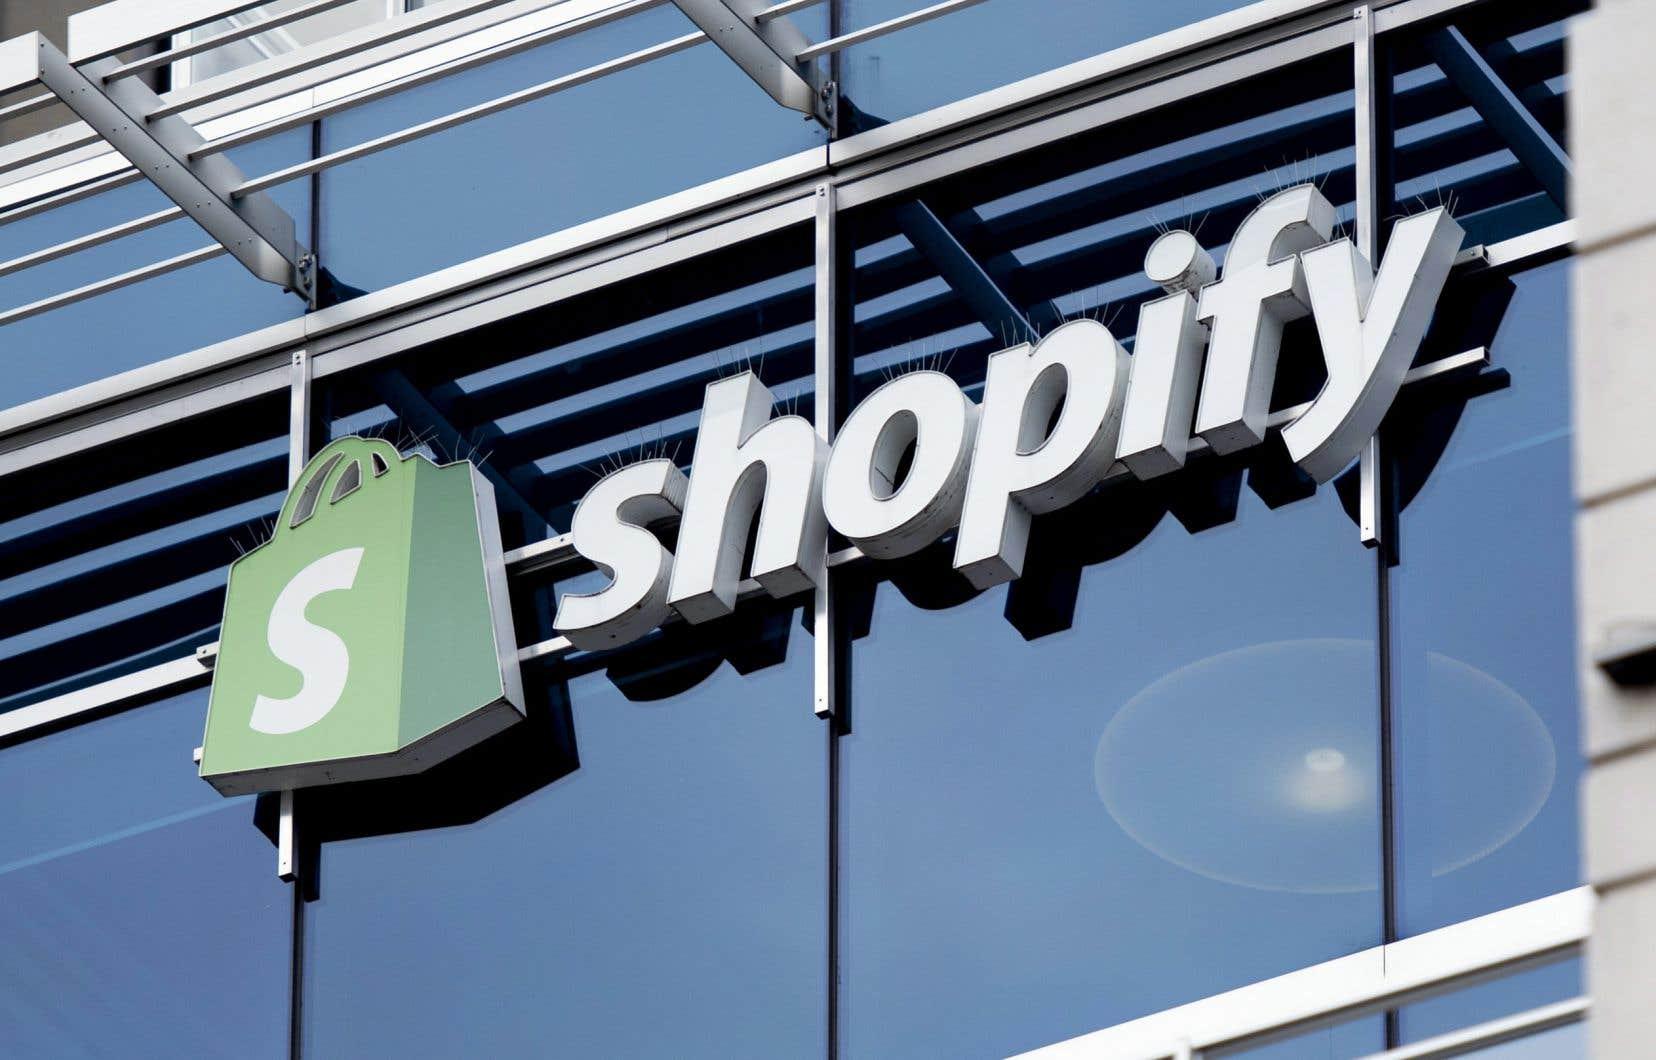 Shopify, inscrit à la Bourse de Toronto depuis 2015, a vu la valeur de son titre tripler durant la pandémie, arrivant à 1488$ mardi. À ce montant, l'entreprise a atteint une valeur de 185 milliards de dollars, la plus grande valeur parmi toutes les sociétés cotées à Toronto.